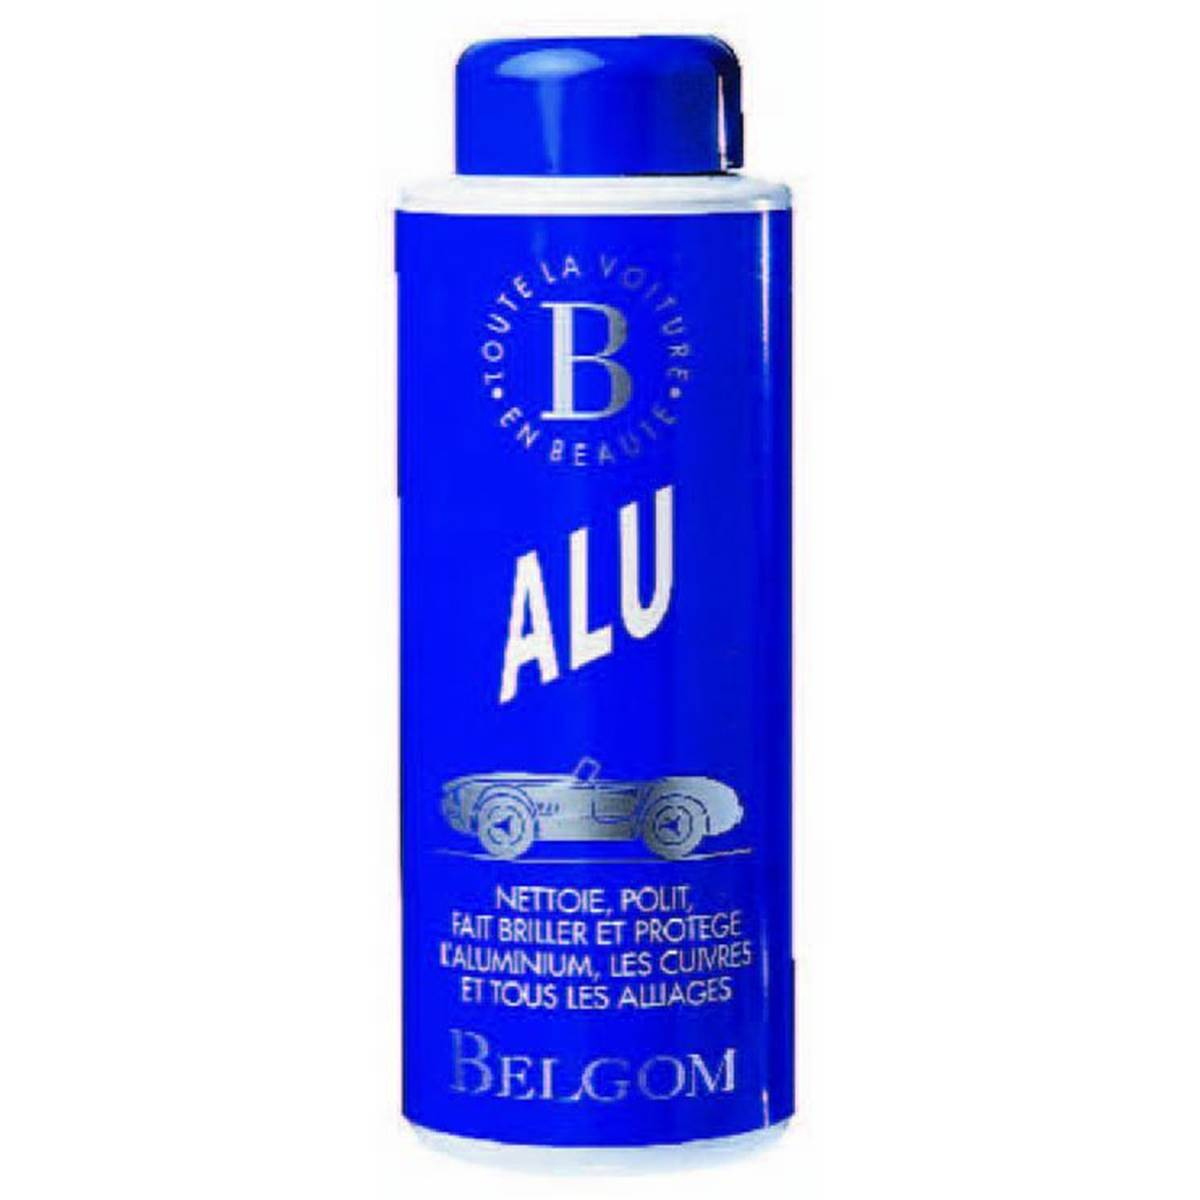 Nettoyant aluminium Belgom 500 ml